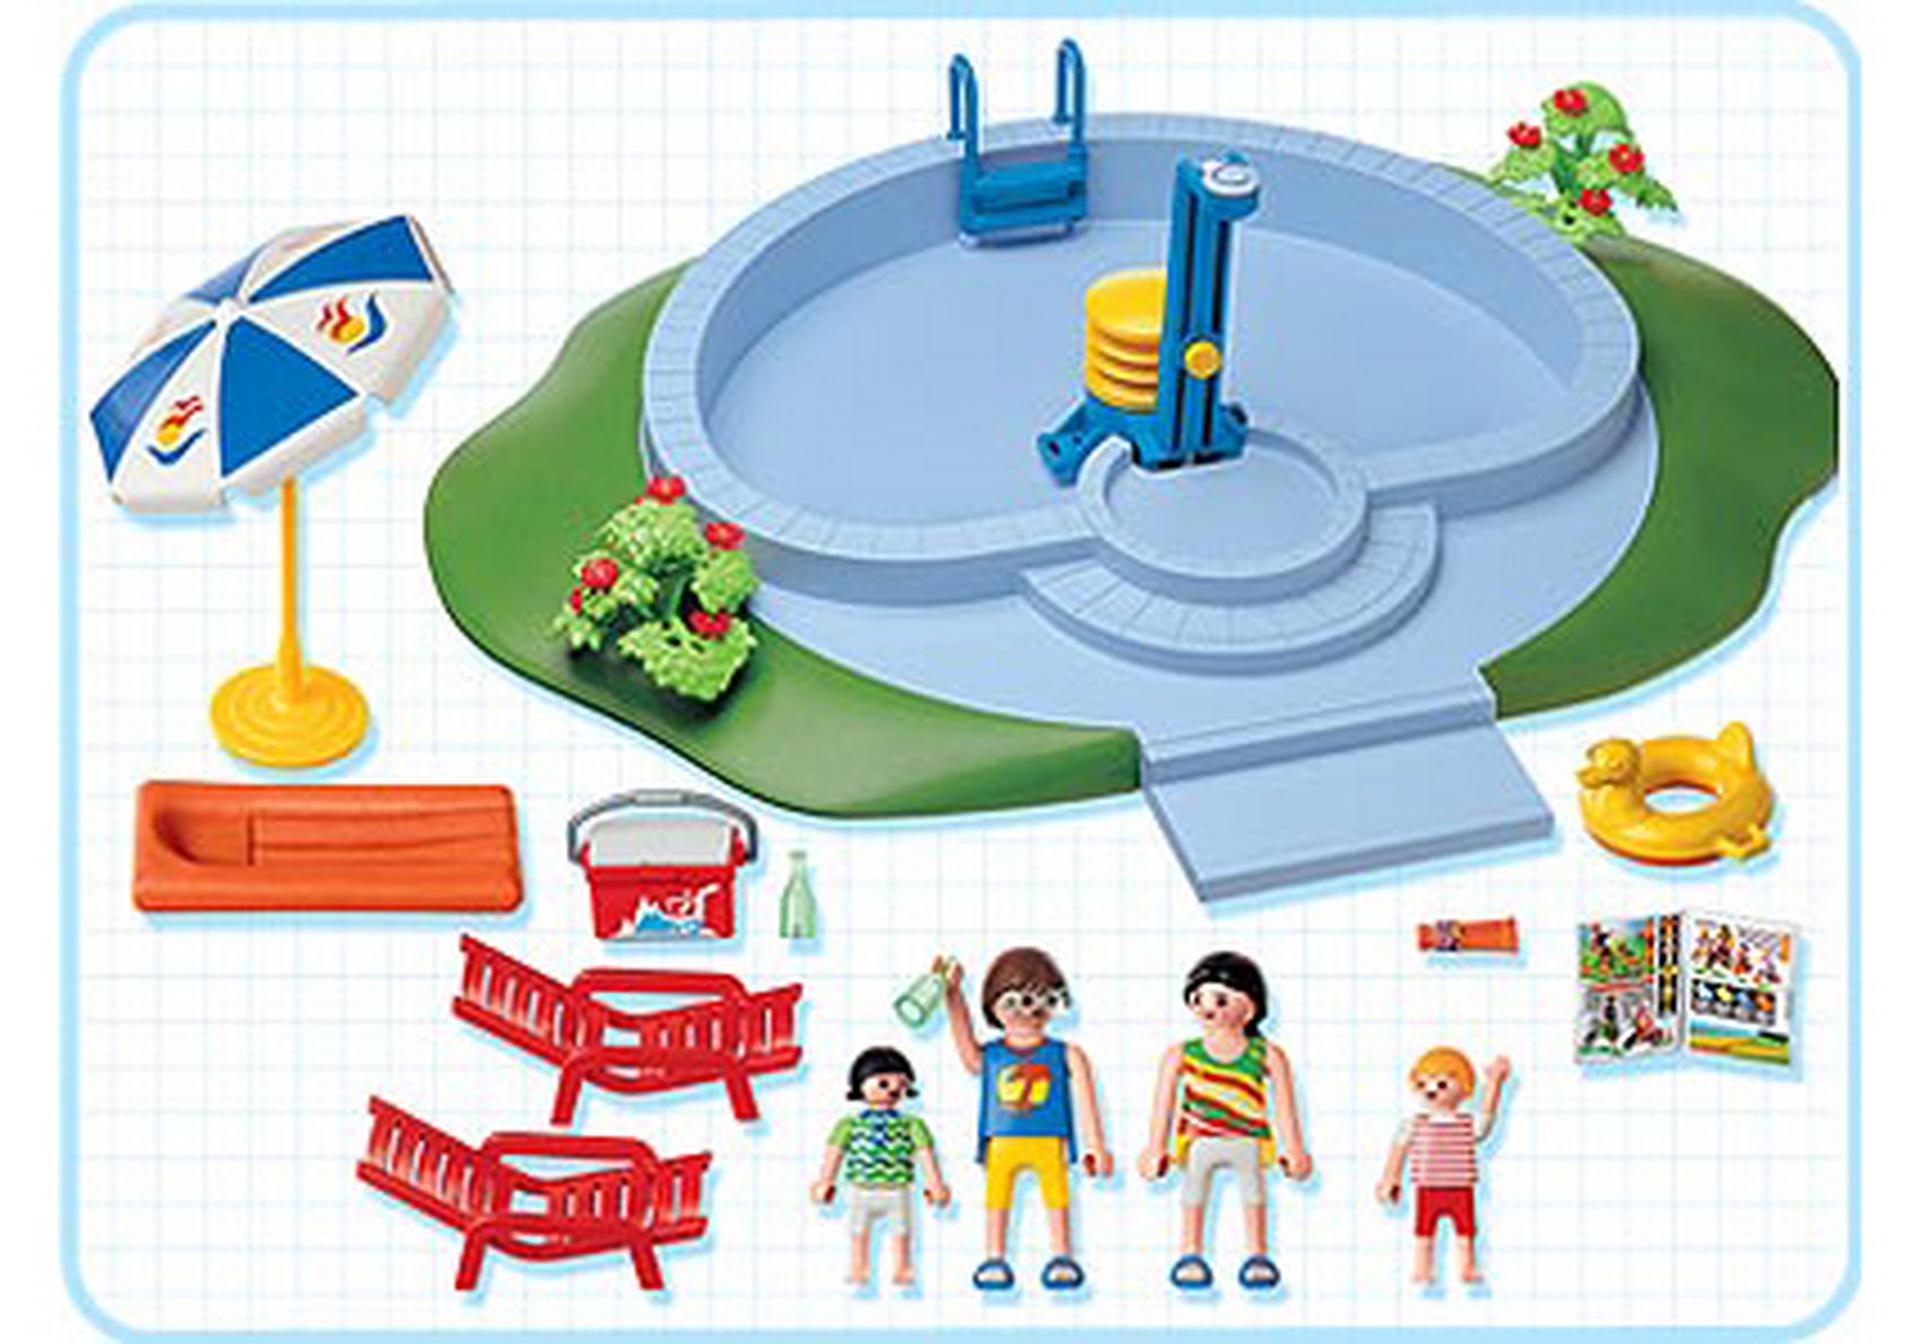 Famille piscine 3205 b playmobil france - Piscine moderne playmobil ...